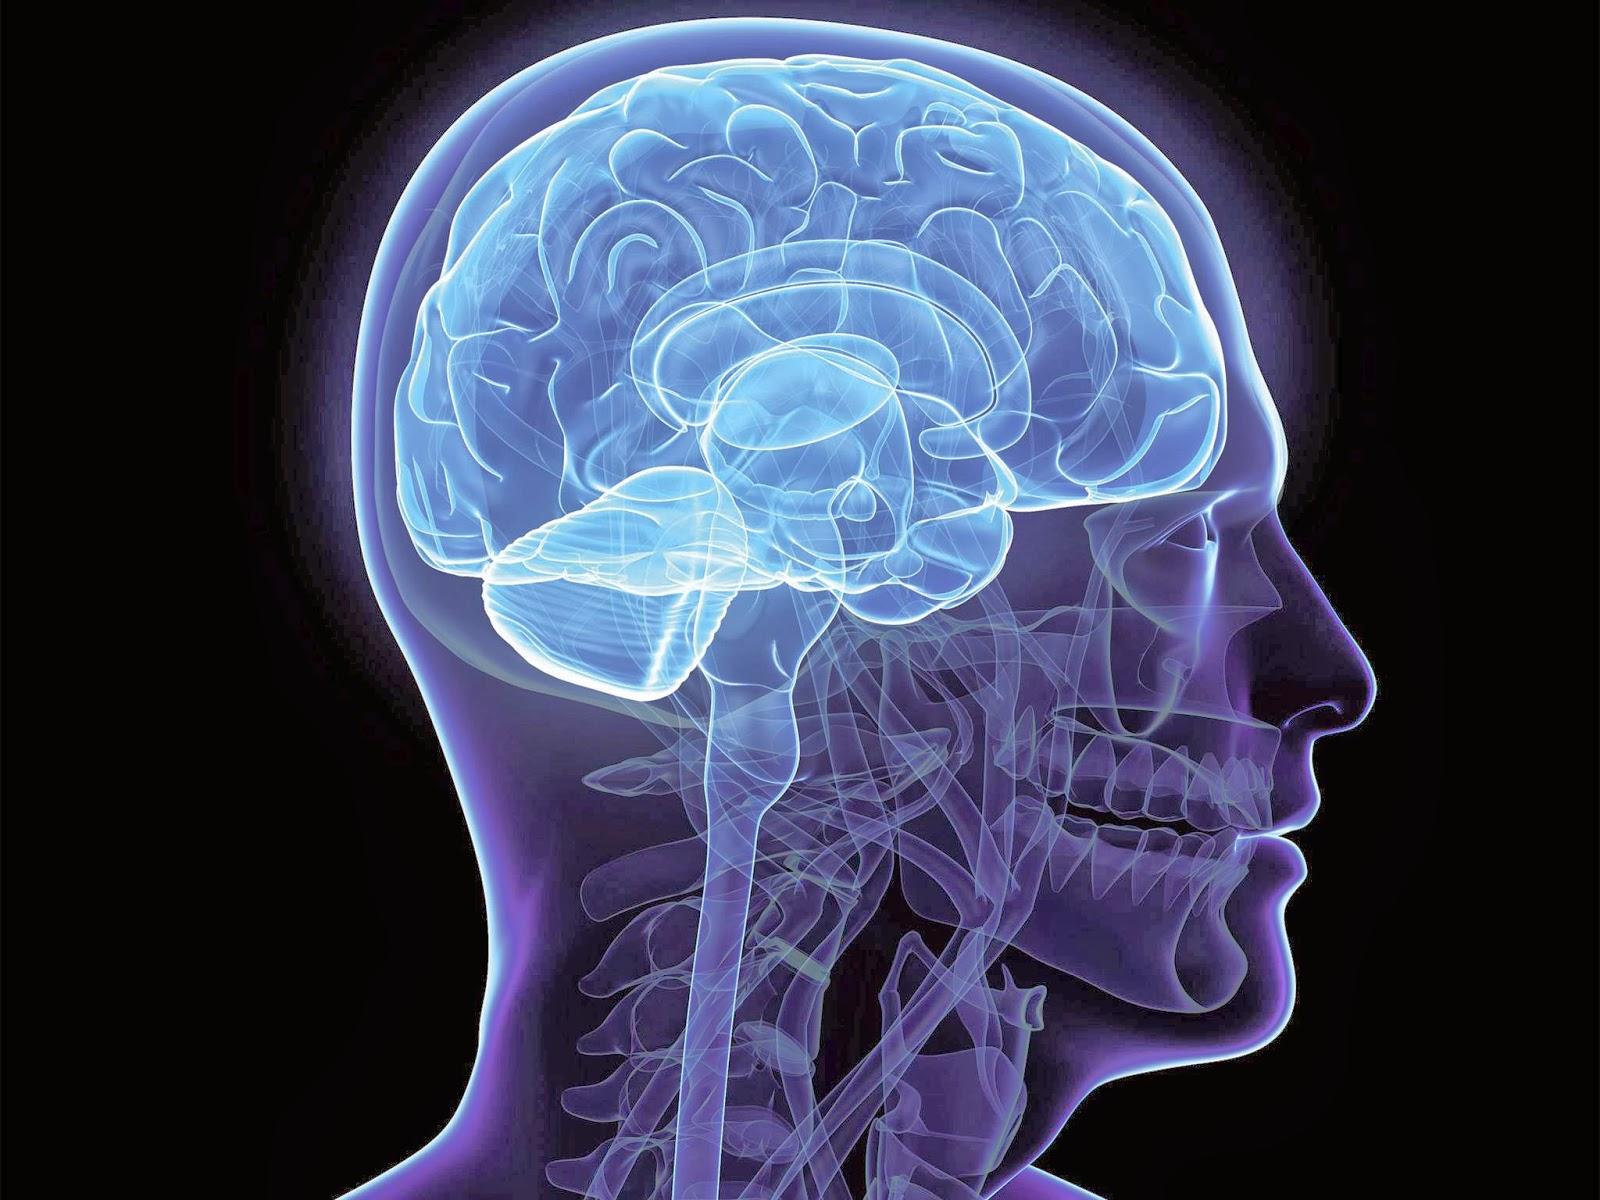 Biology of mind